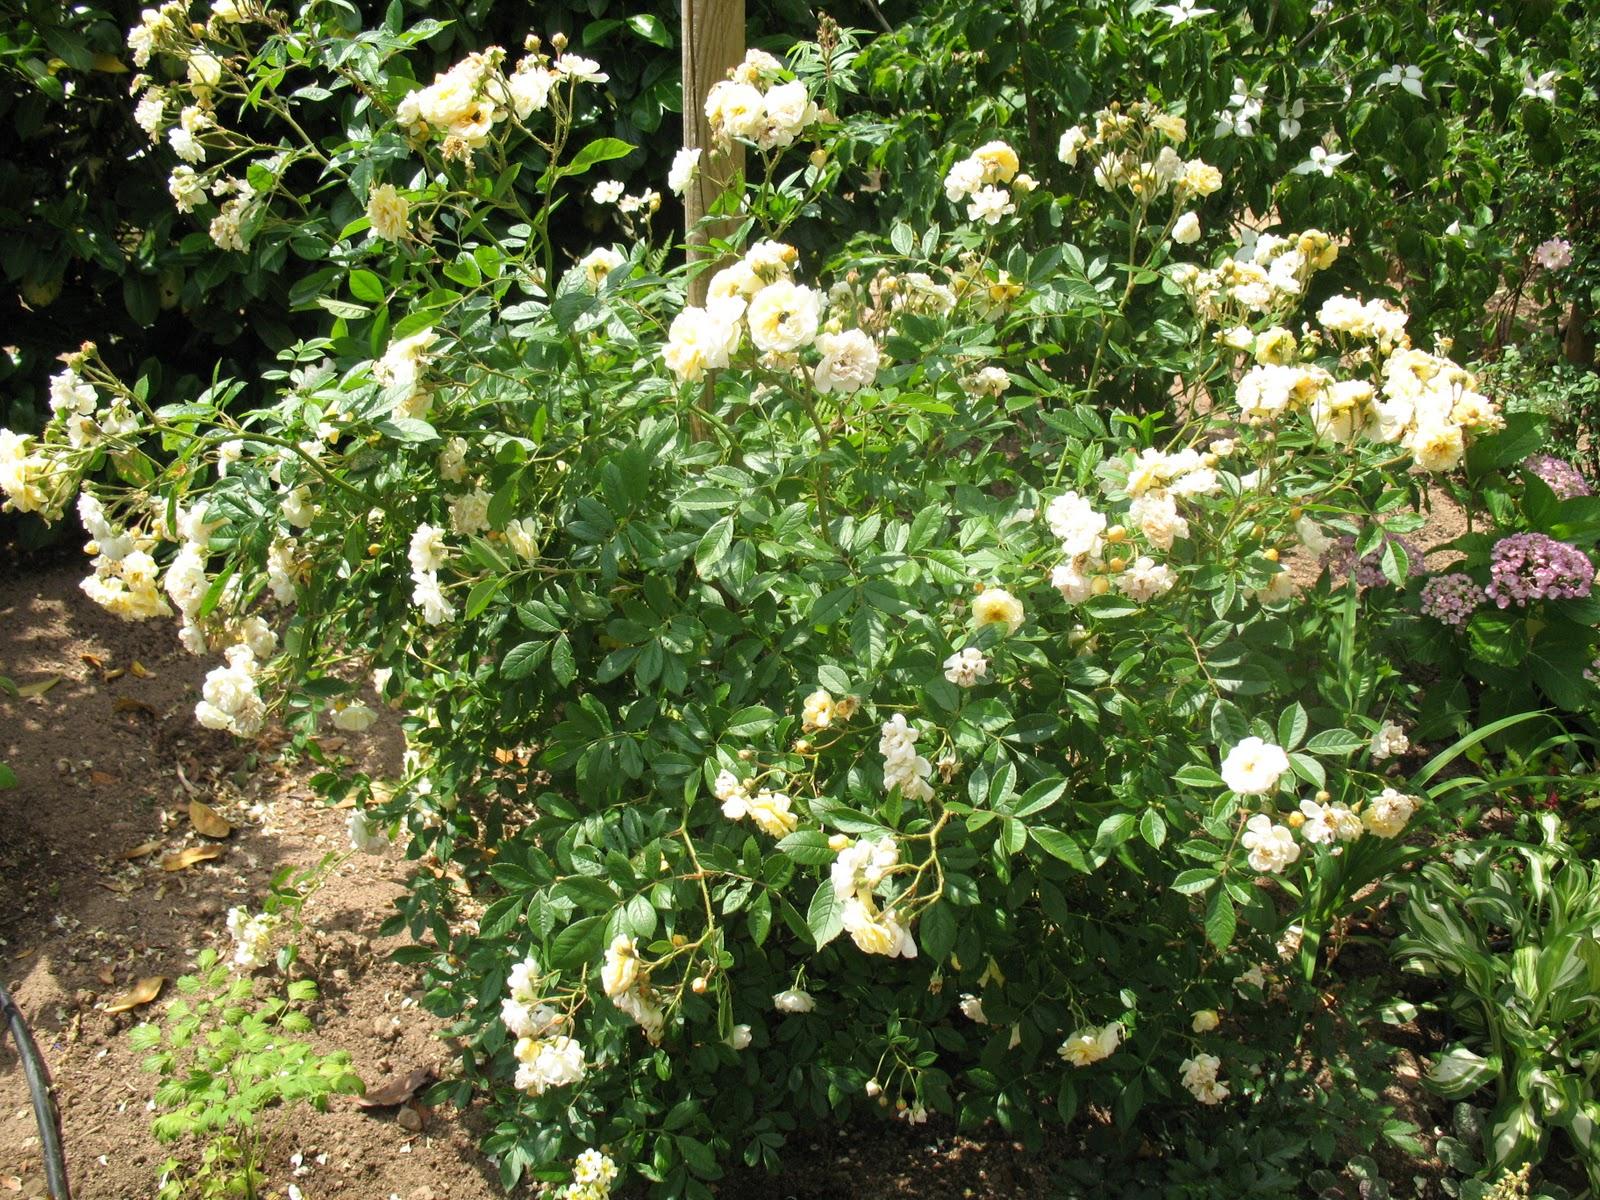 roses du jardin ch neland rosier ghislaine de f ligonde. Black Bedroom Furniture Sets. Home Design Ideas